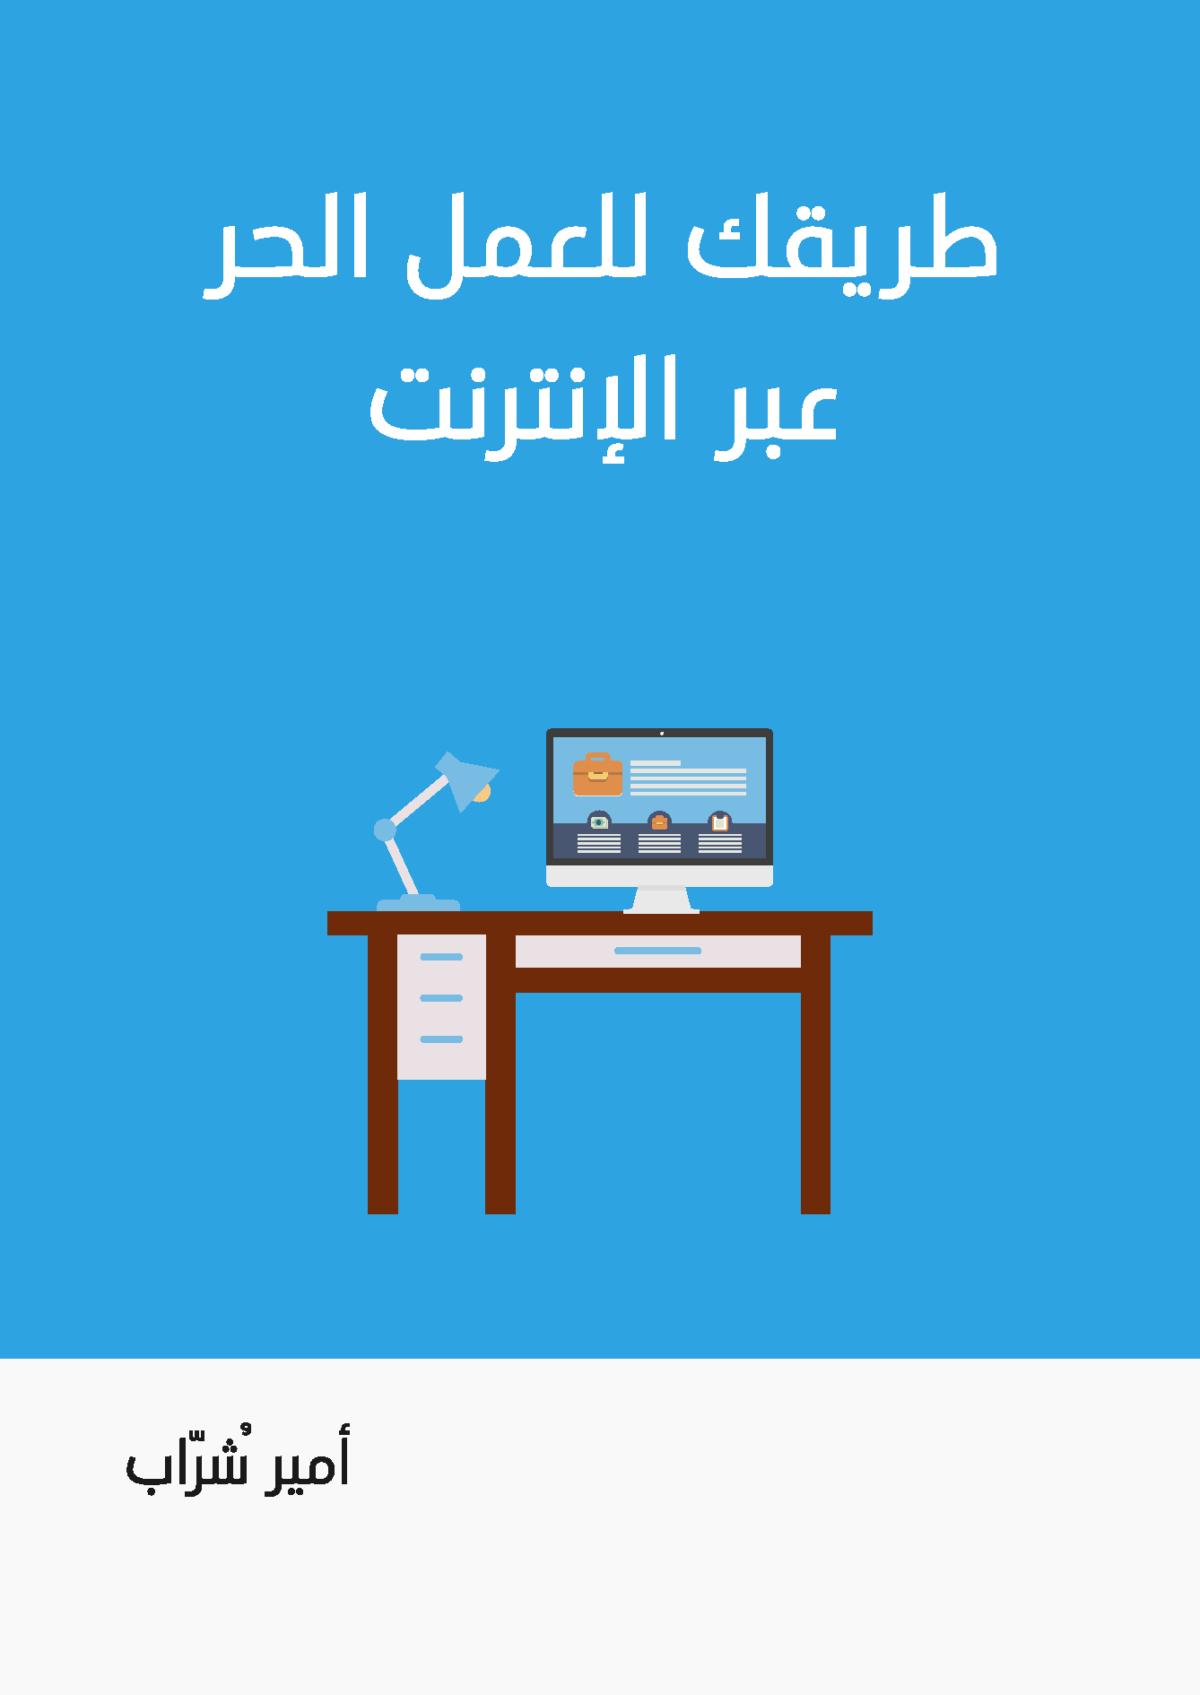 كتاب الربح من الانترنت عن طريق العمل الحر